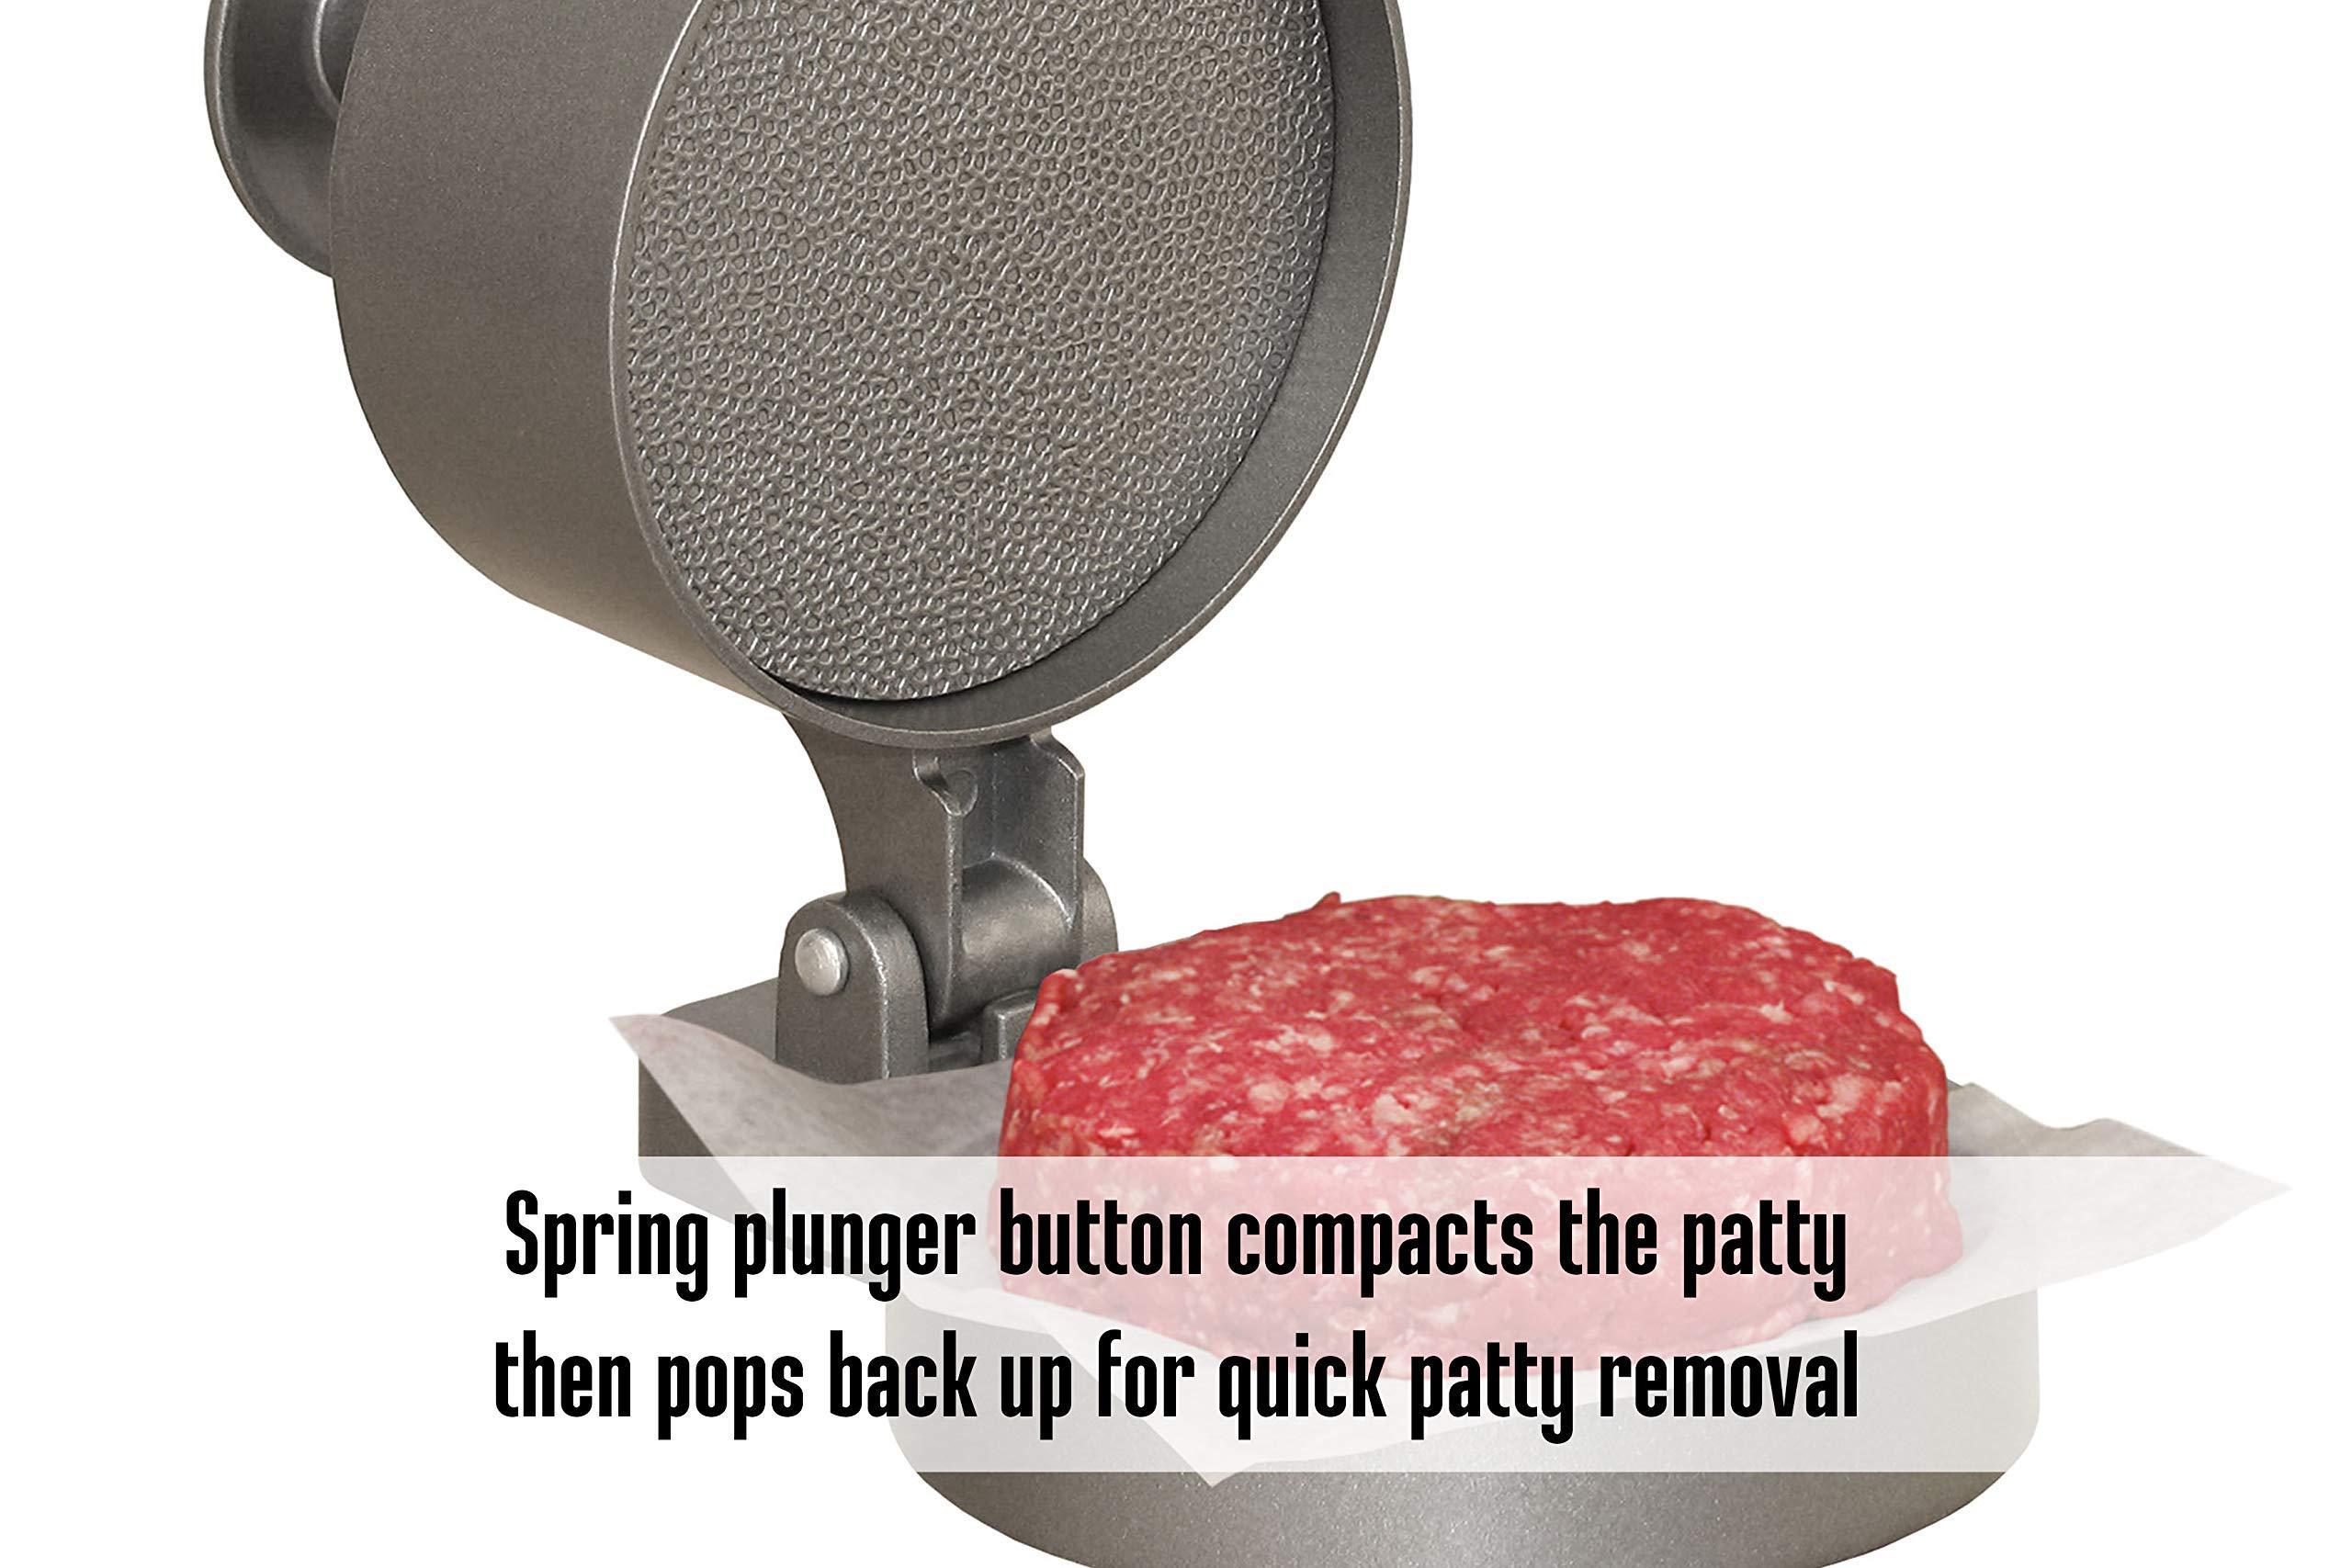 Cabela's single-patty hamburger press